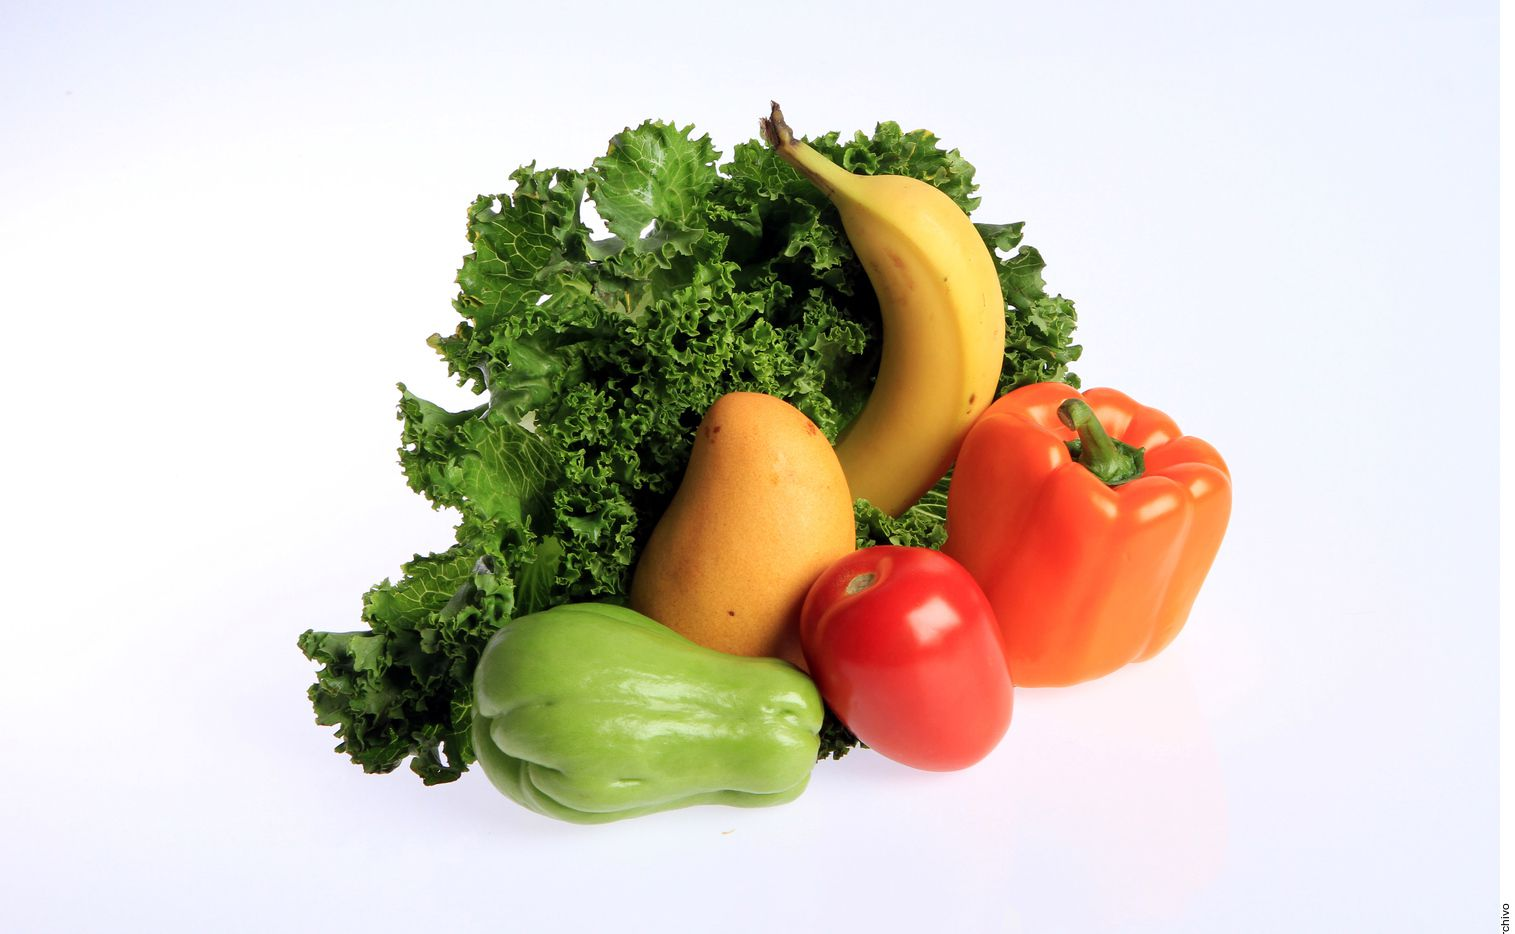 Cuando se sigue una dieta balanceada con aporte de carbohidratos (60%), grasas (25%) y proteínas (15%), el organismo utiliza como sustrato principal de energía la glucosa (carbohidratos).